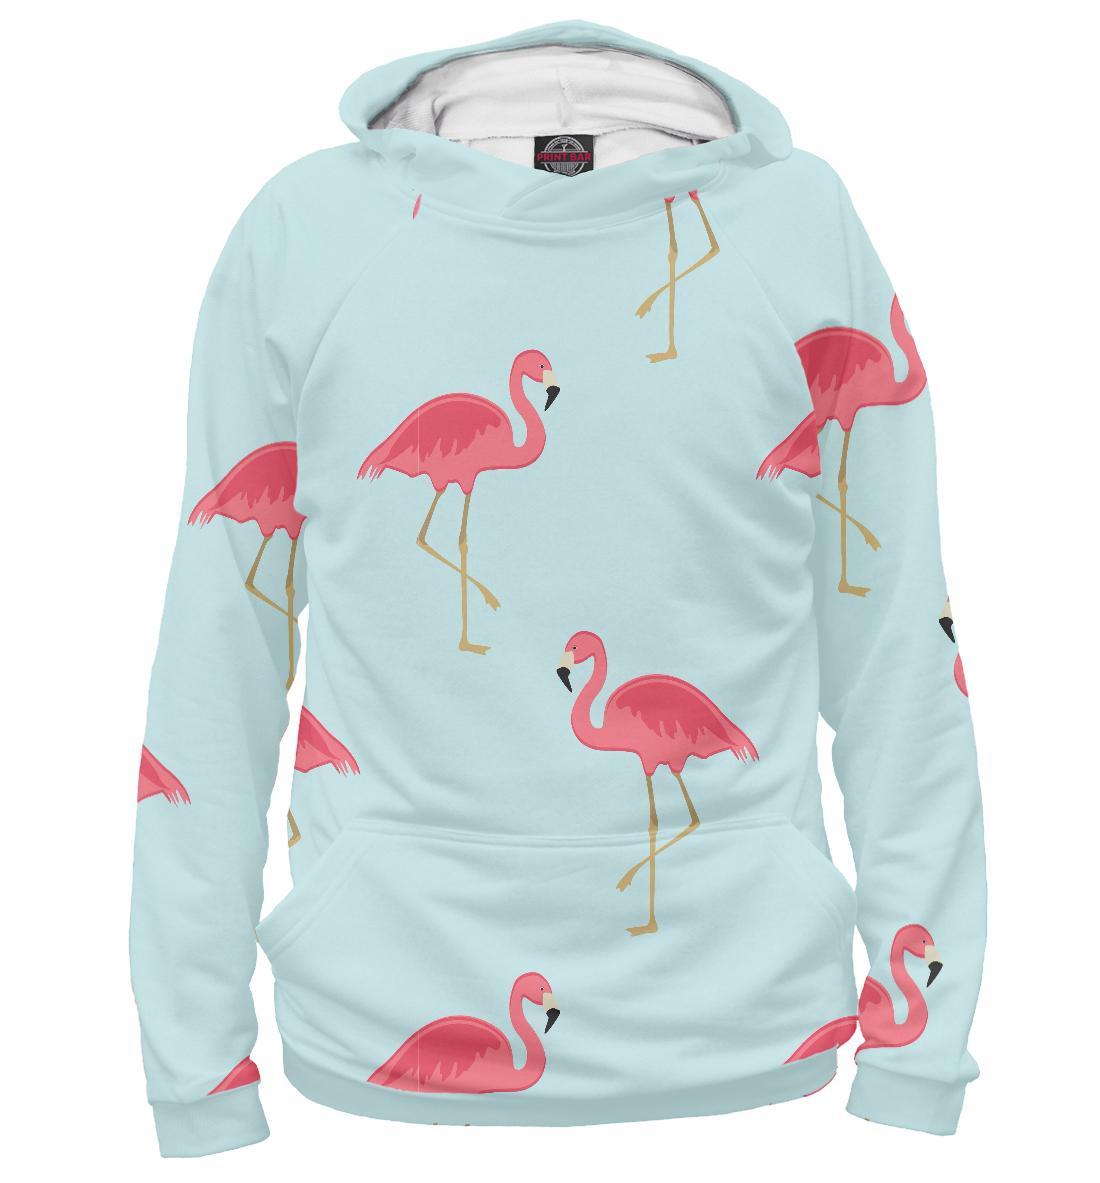 Купить Фламинго, Printbar, Худи, PTI-719280-hud-2